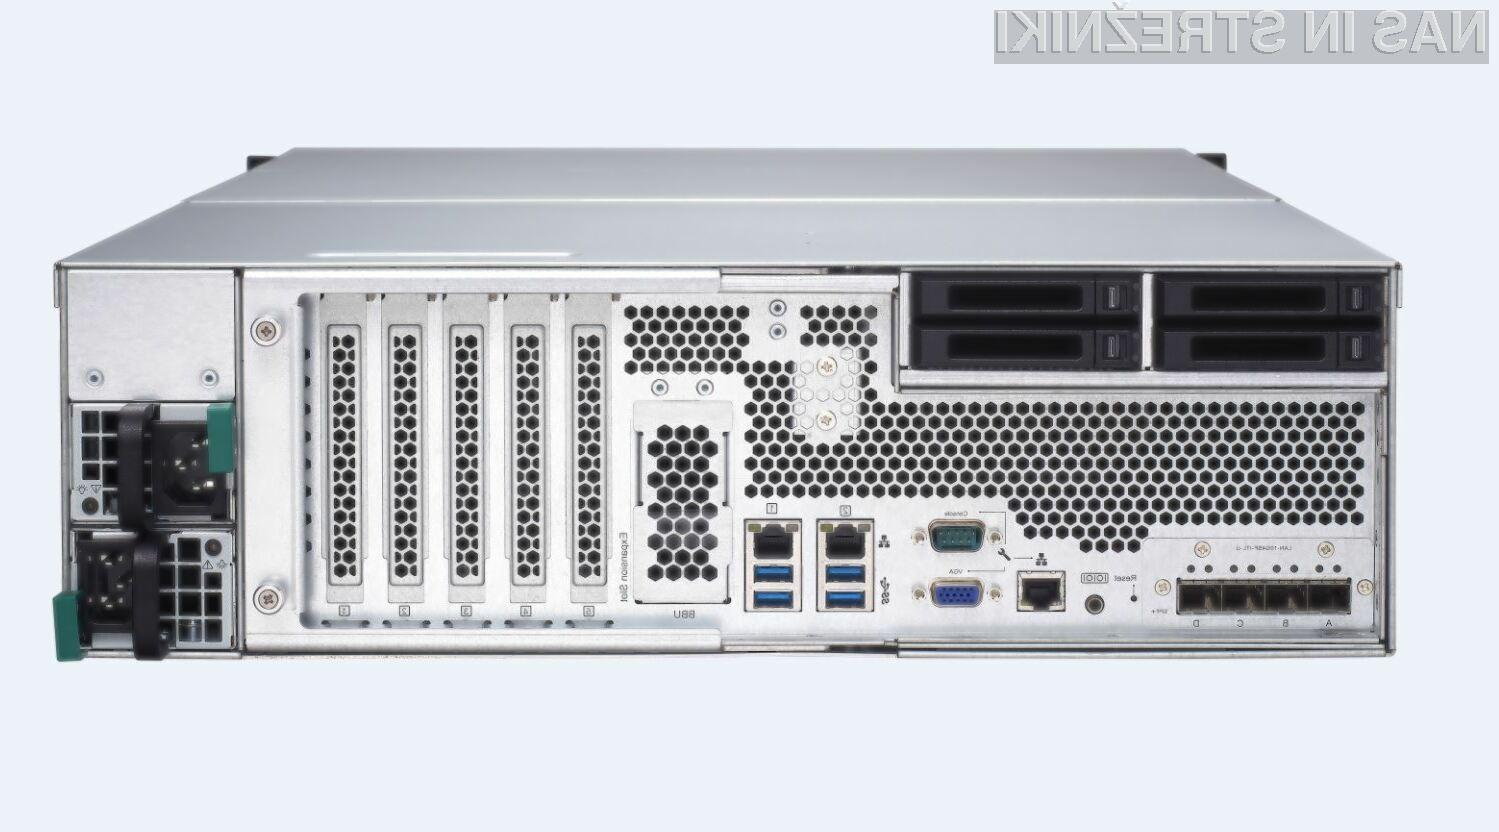 Pri strežniku TDS-16489U gre za inovativno rešitev za zahtevna podjetja, saj združuje aplikativni in podatkovni strežnik v enem ohišju.